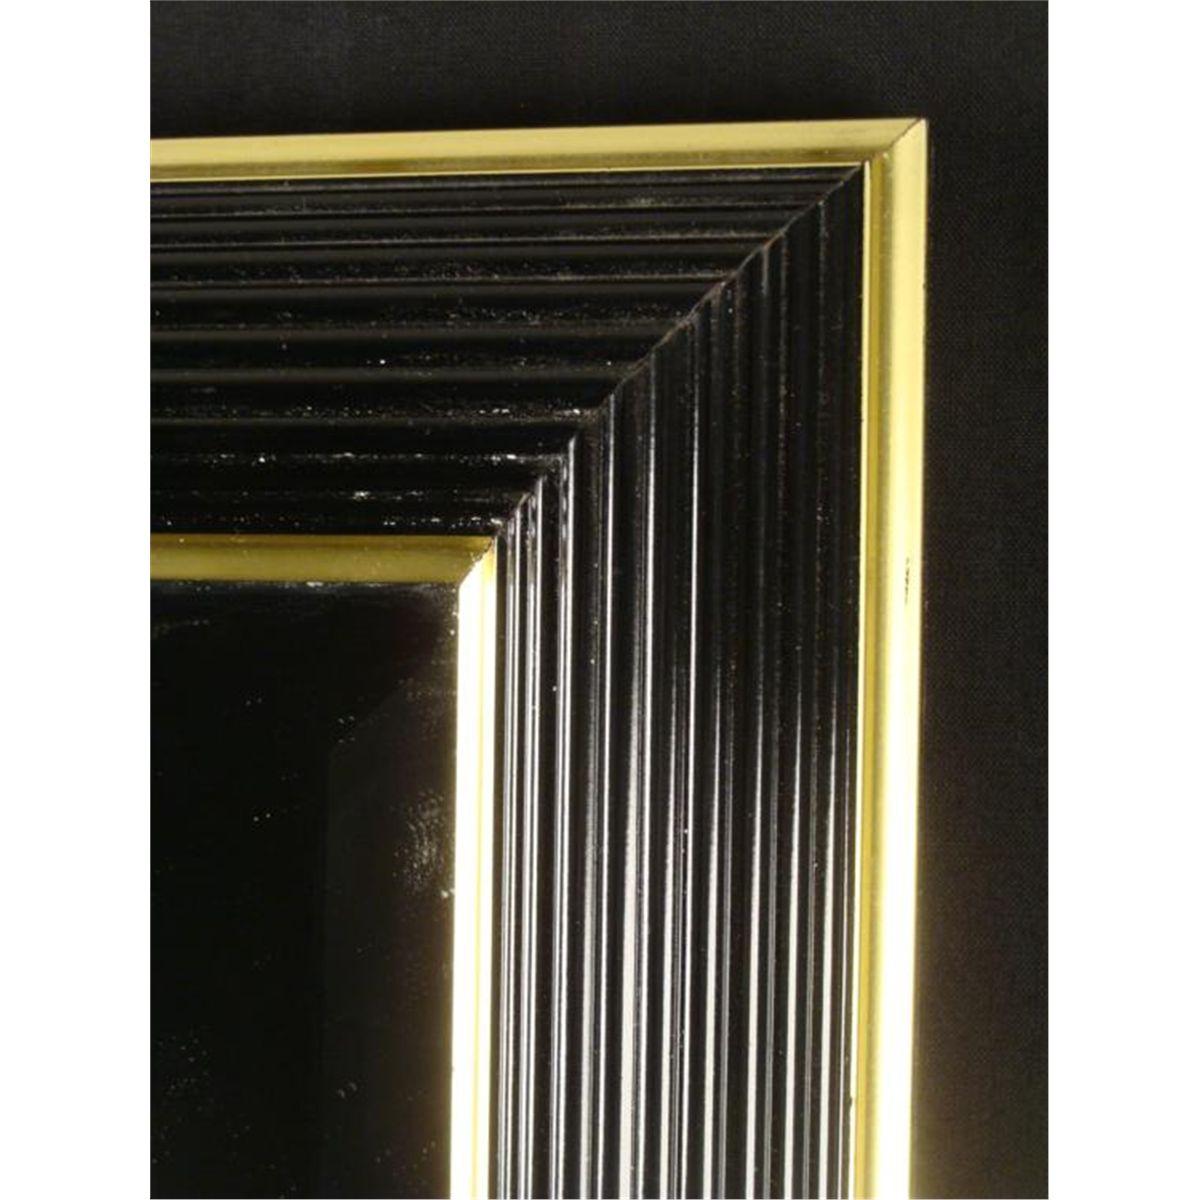 Bombay Company 24x30 Black Gold Art Deco Wall Mirror